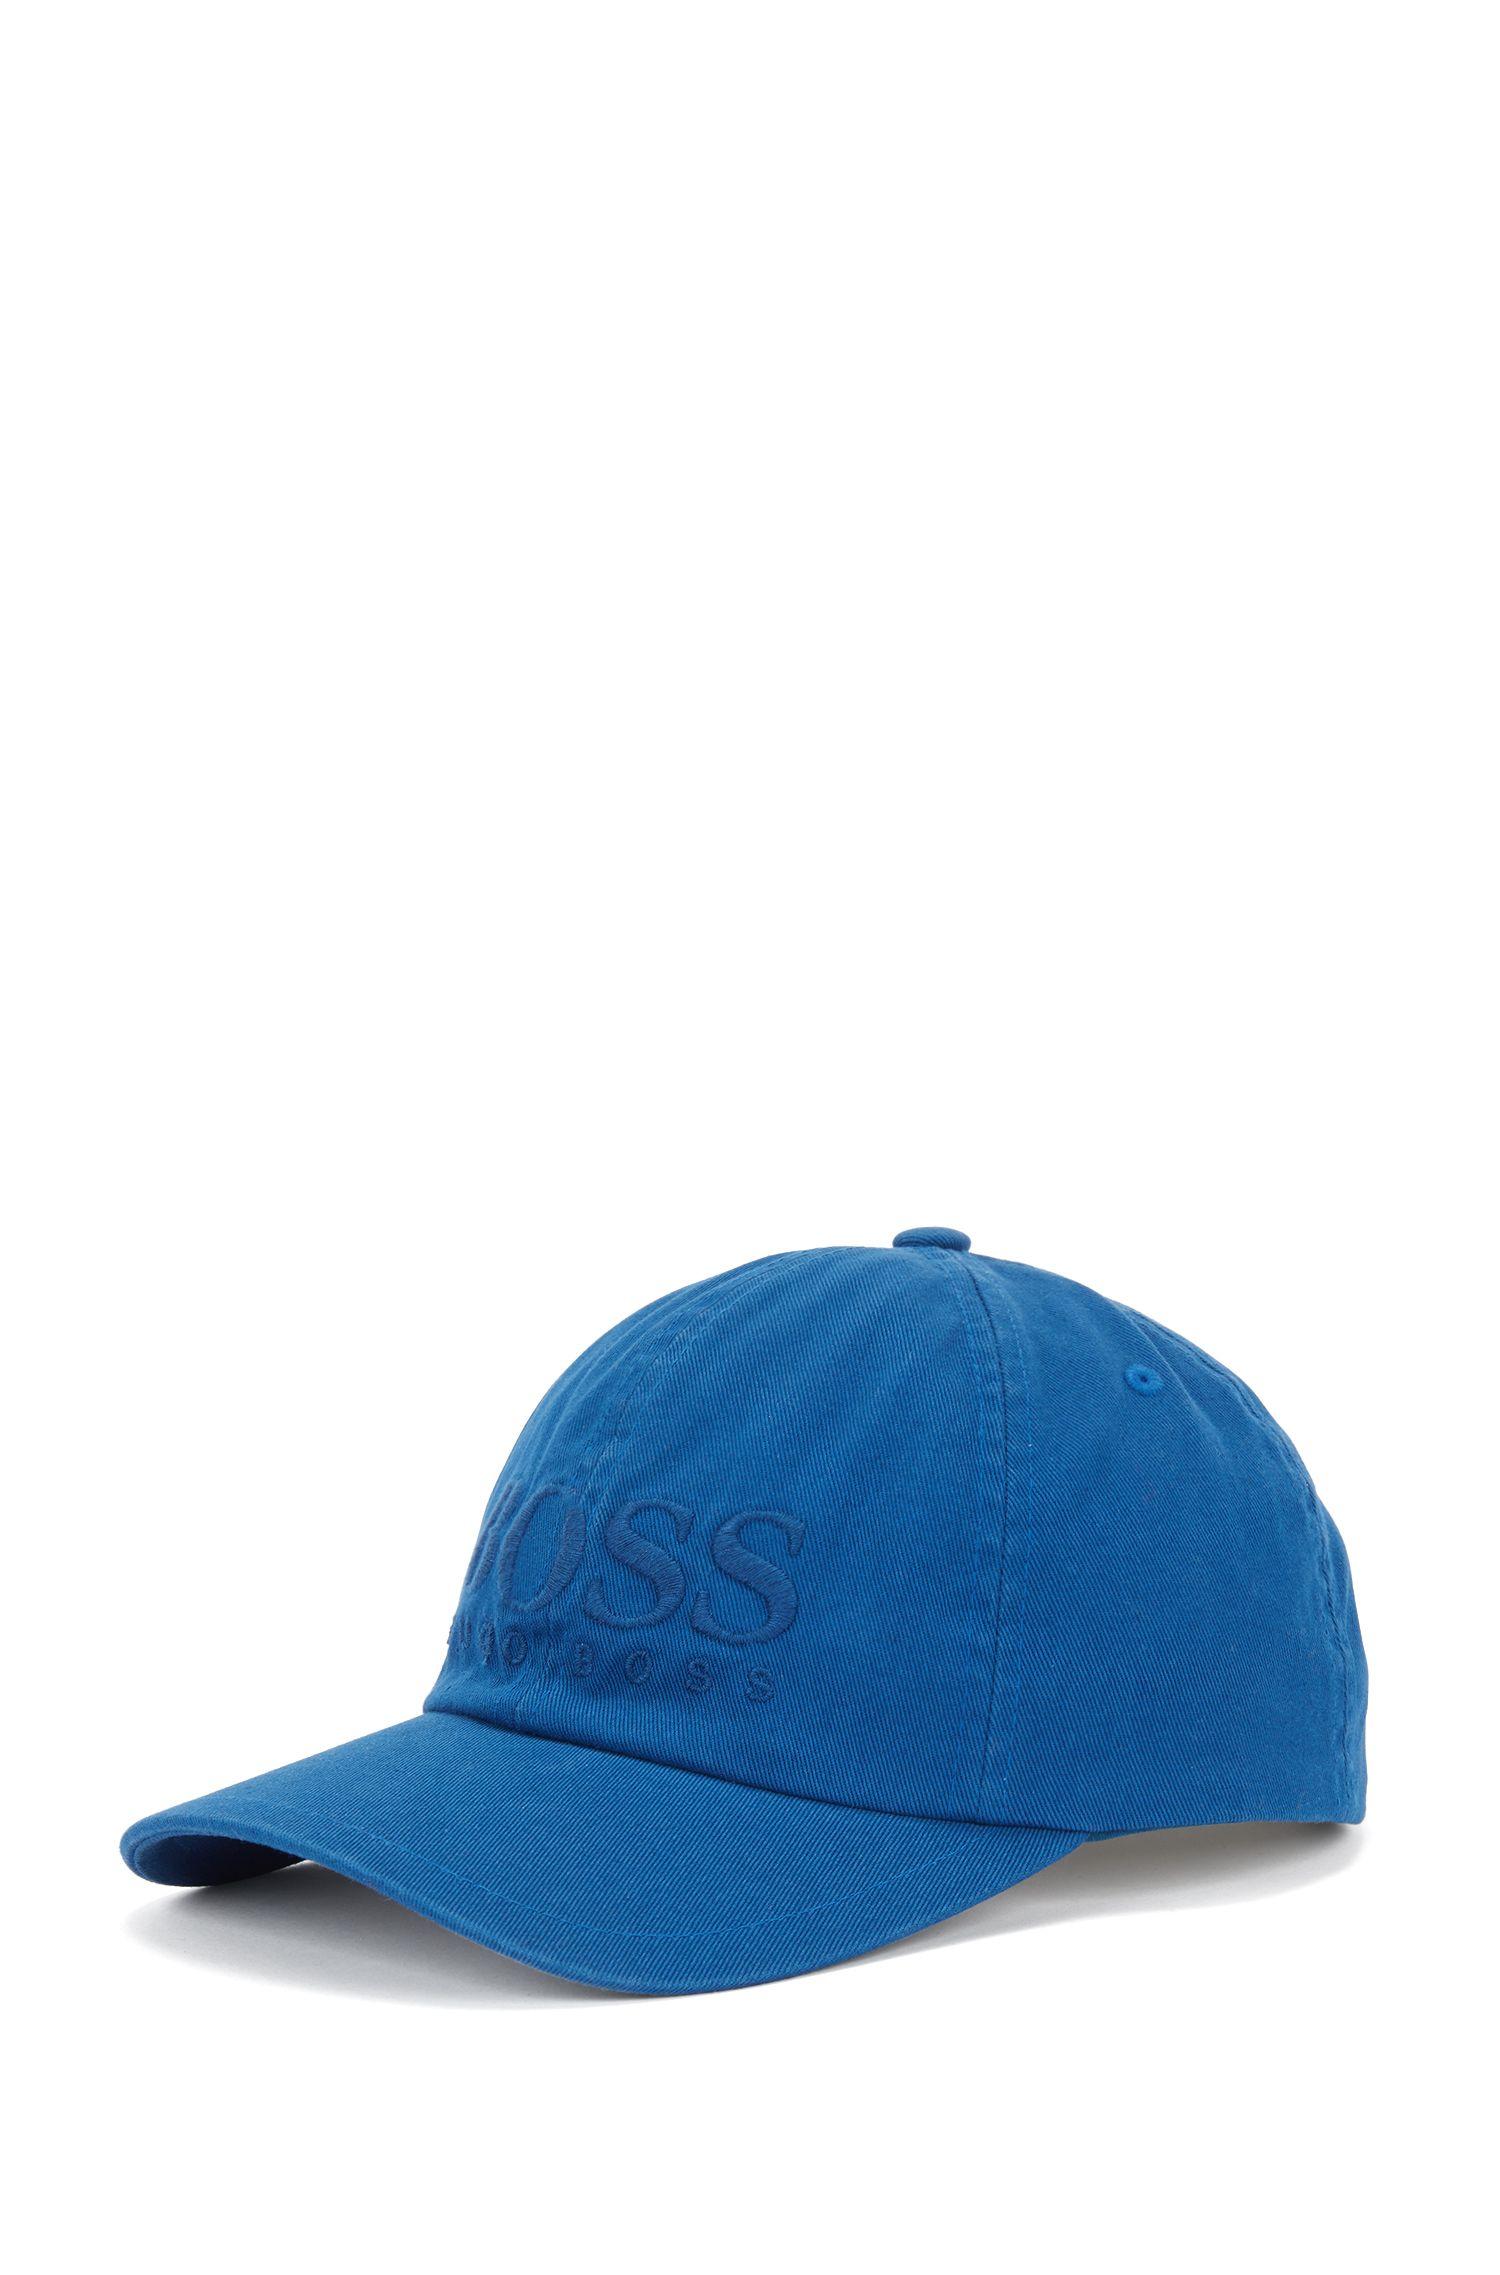 Gorra de béisbol en sarga de algodón con logo, Azul